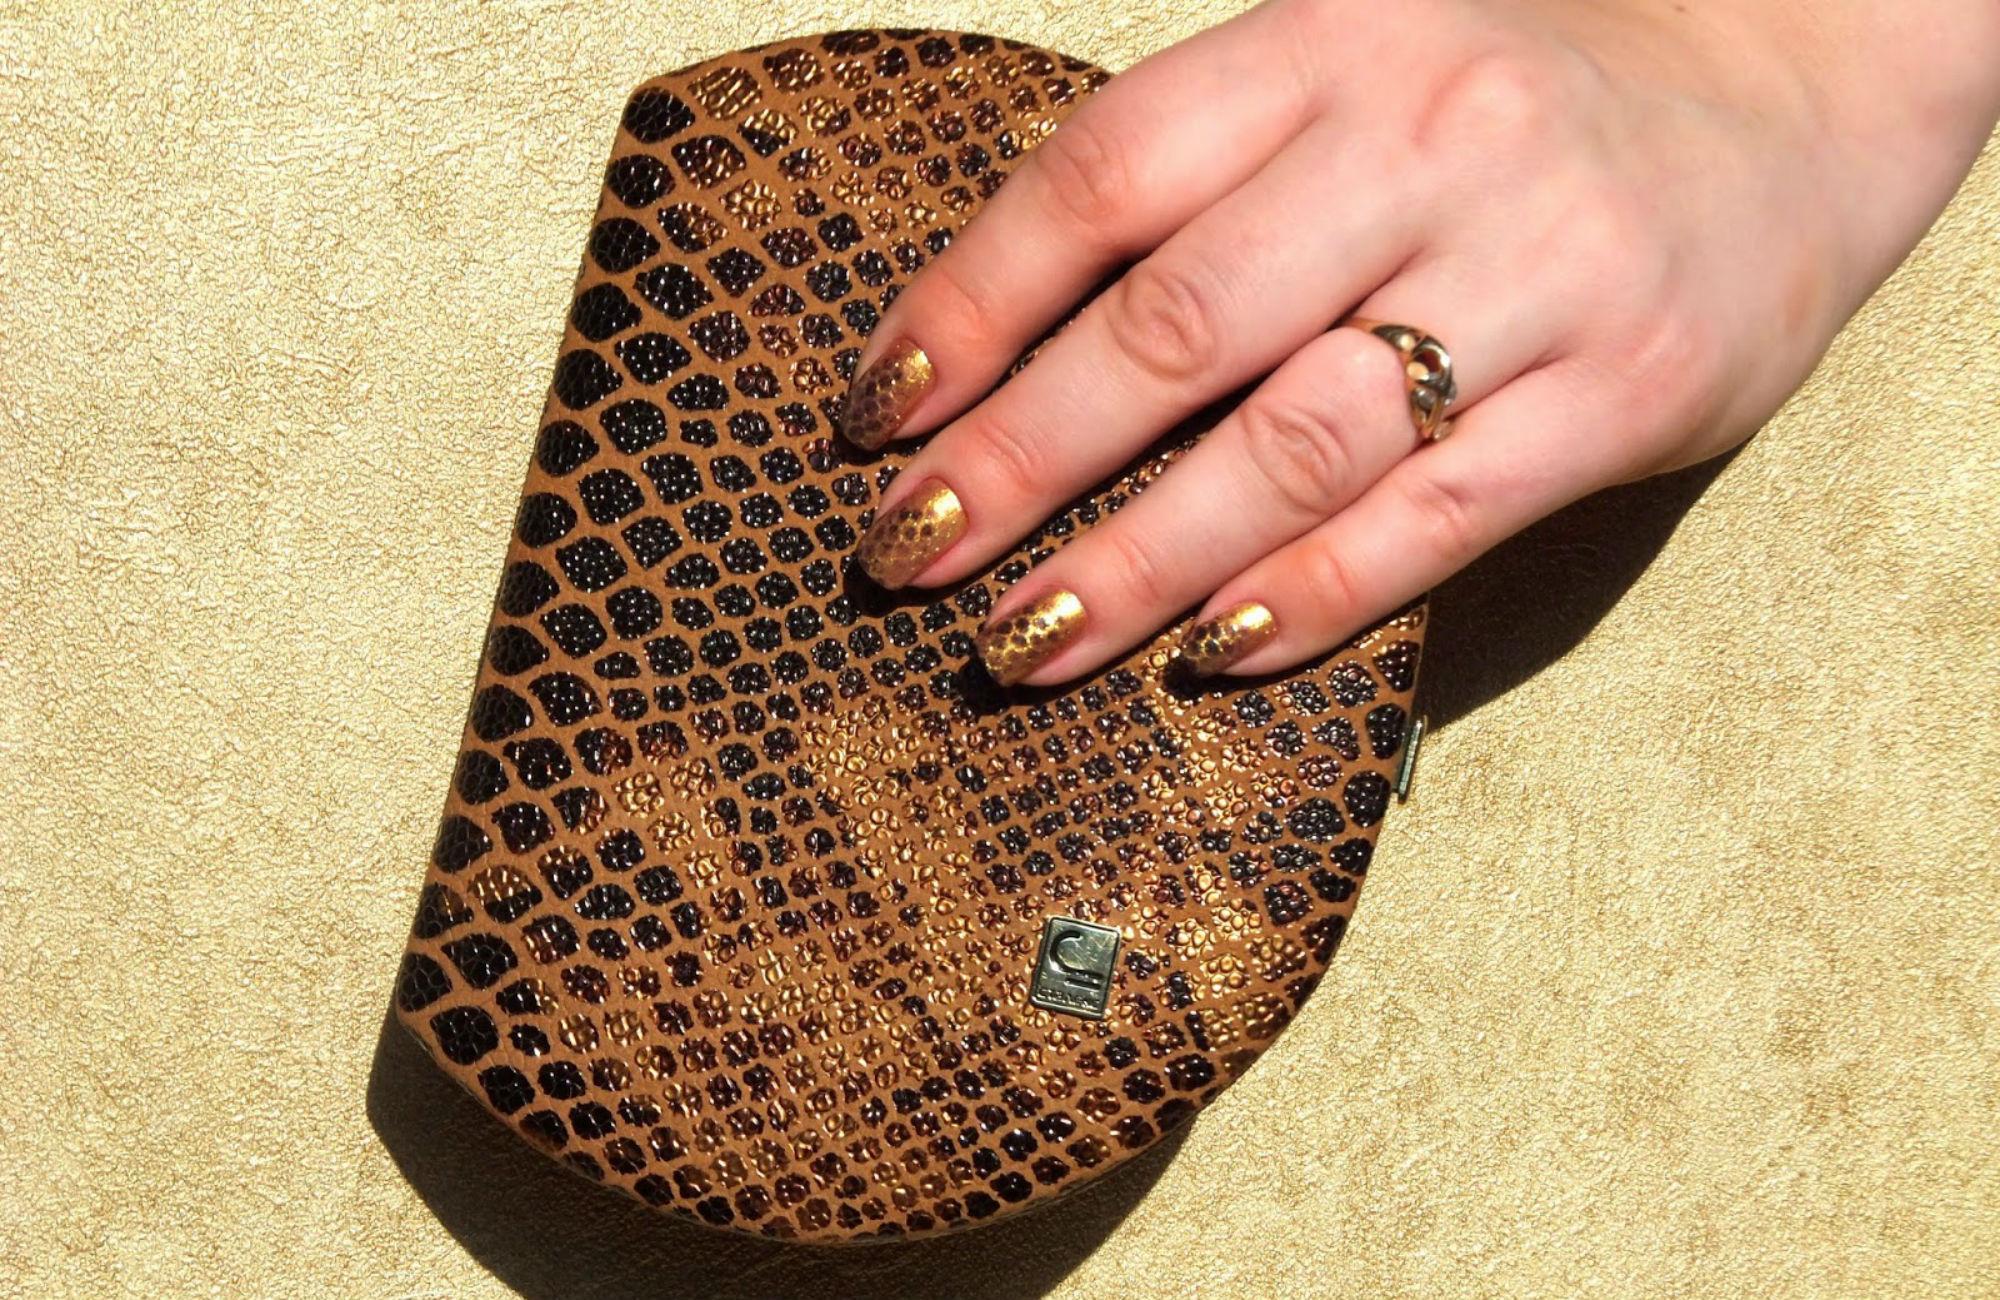 Маникюр с изображением рептилий и змеиной кожи на ногтях